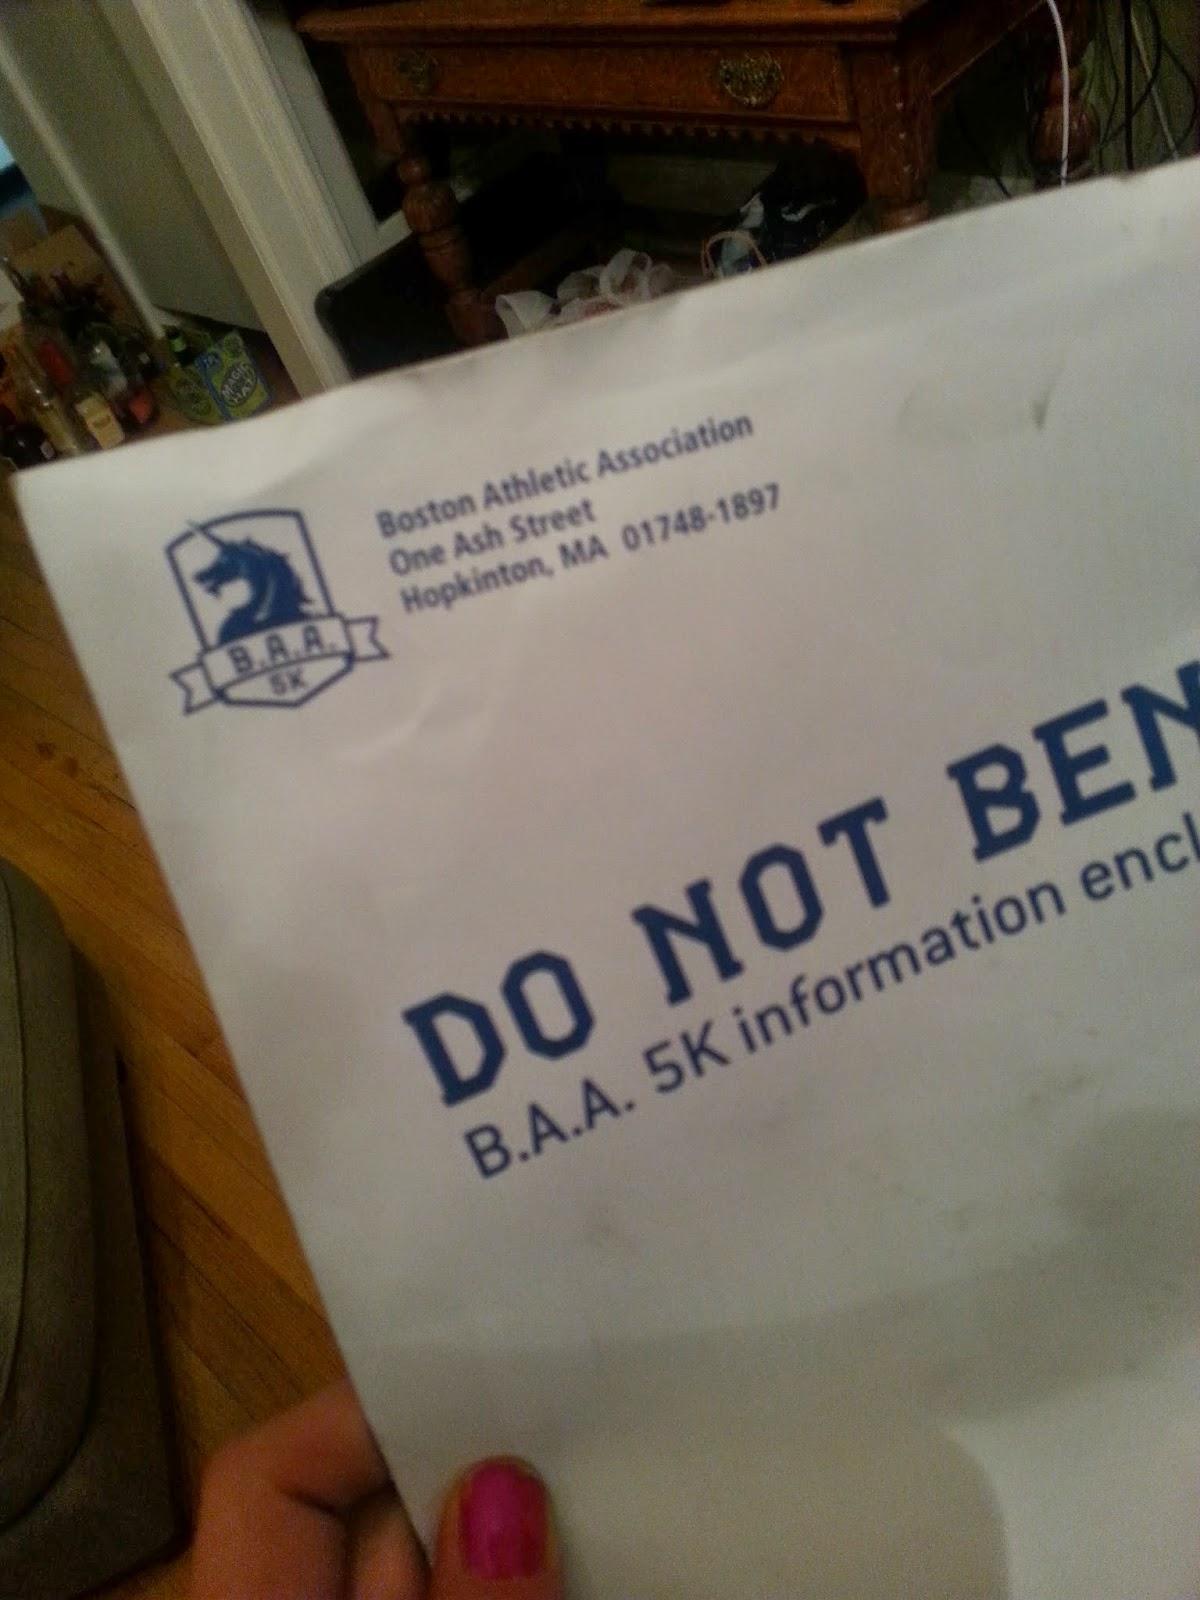 BAA5Kpacket